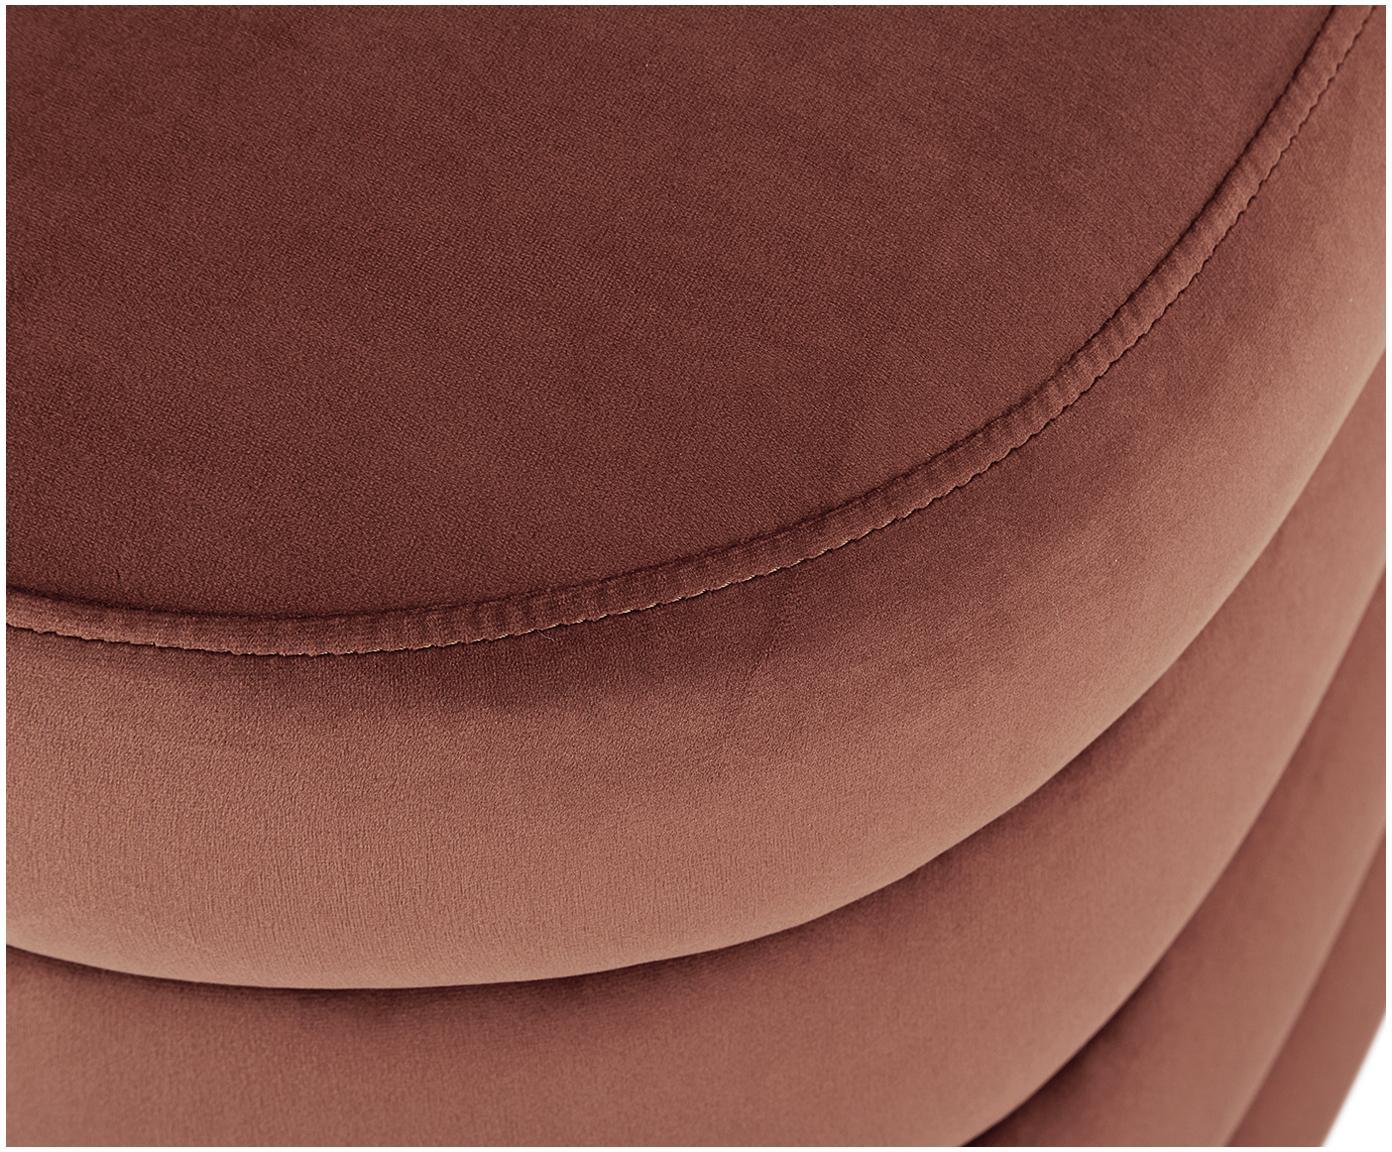 Fluwelen bank Alto, Bekleding: fluweel (polyester), Frame: massief grenenhout, multi, Bruin, 110 x 48 cm